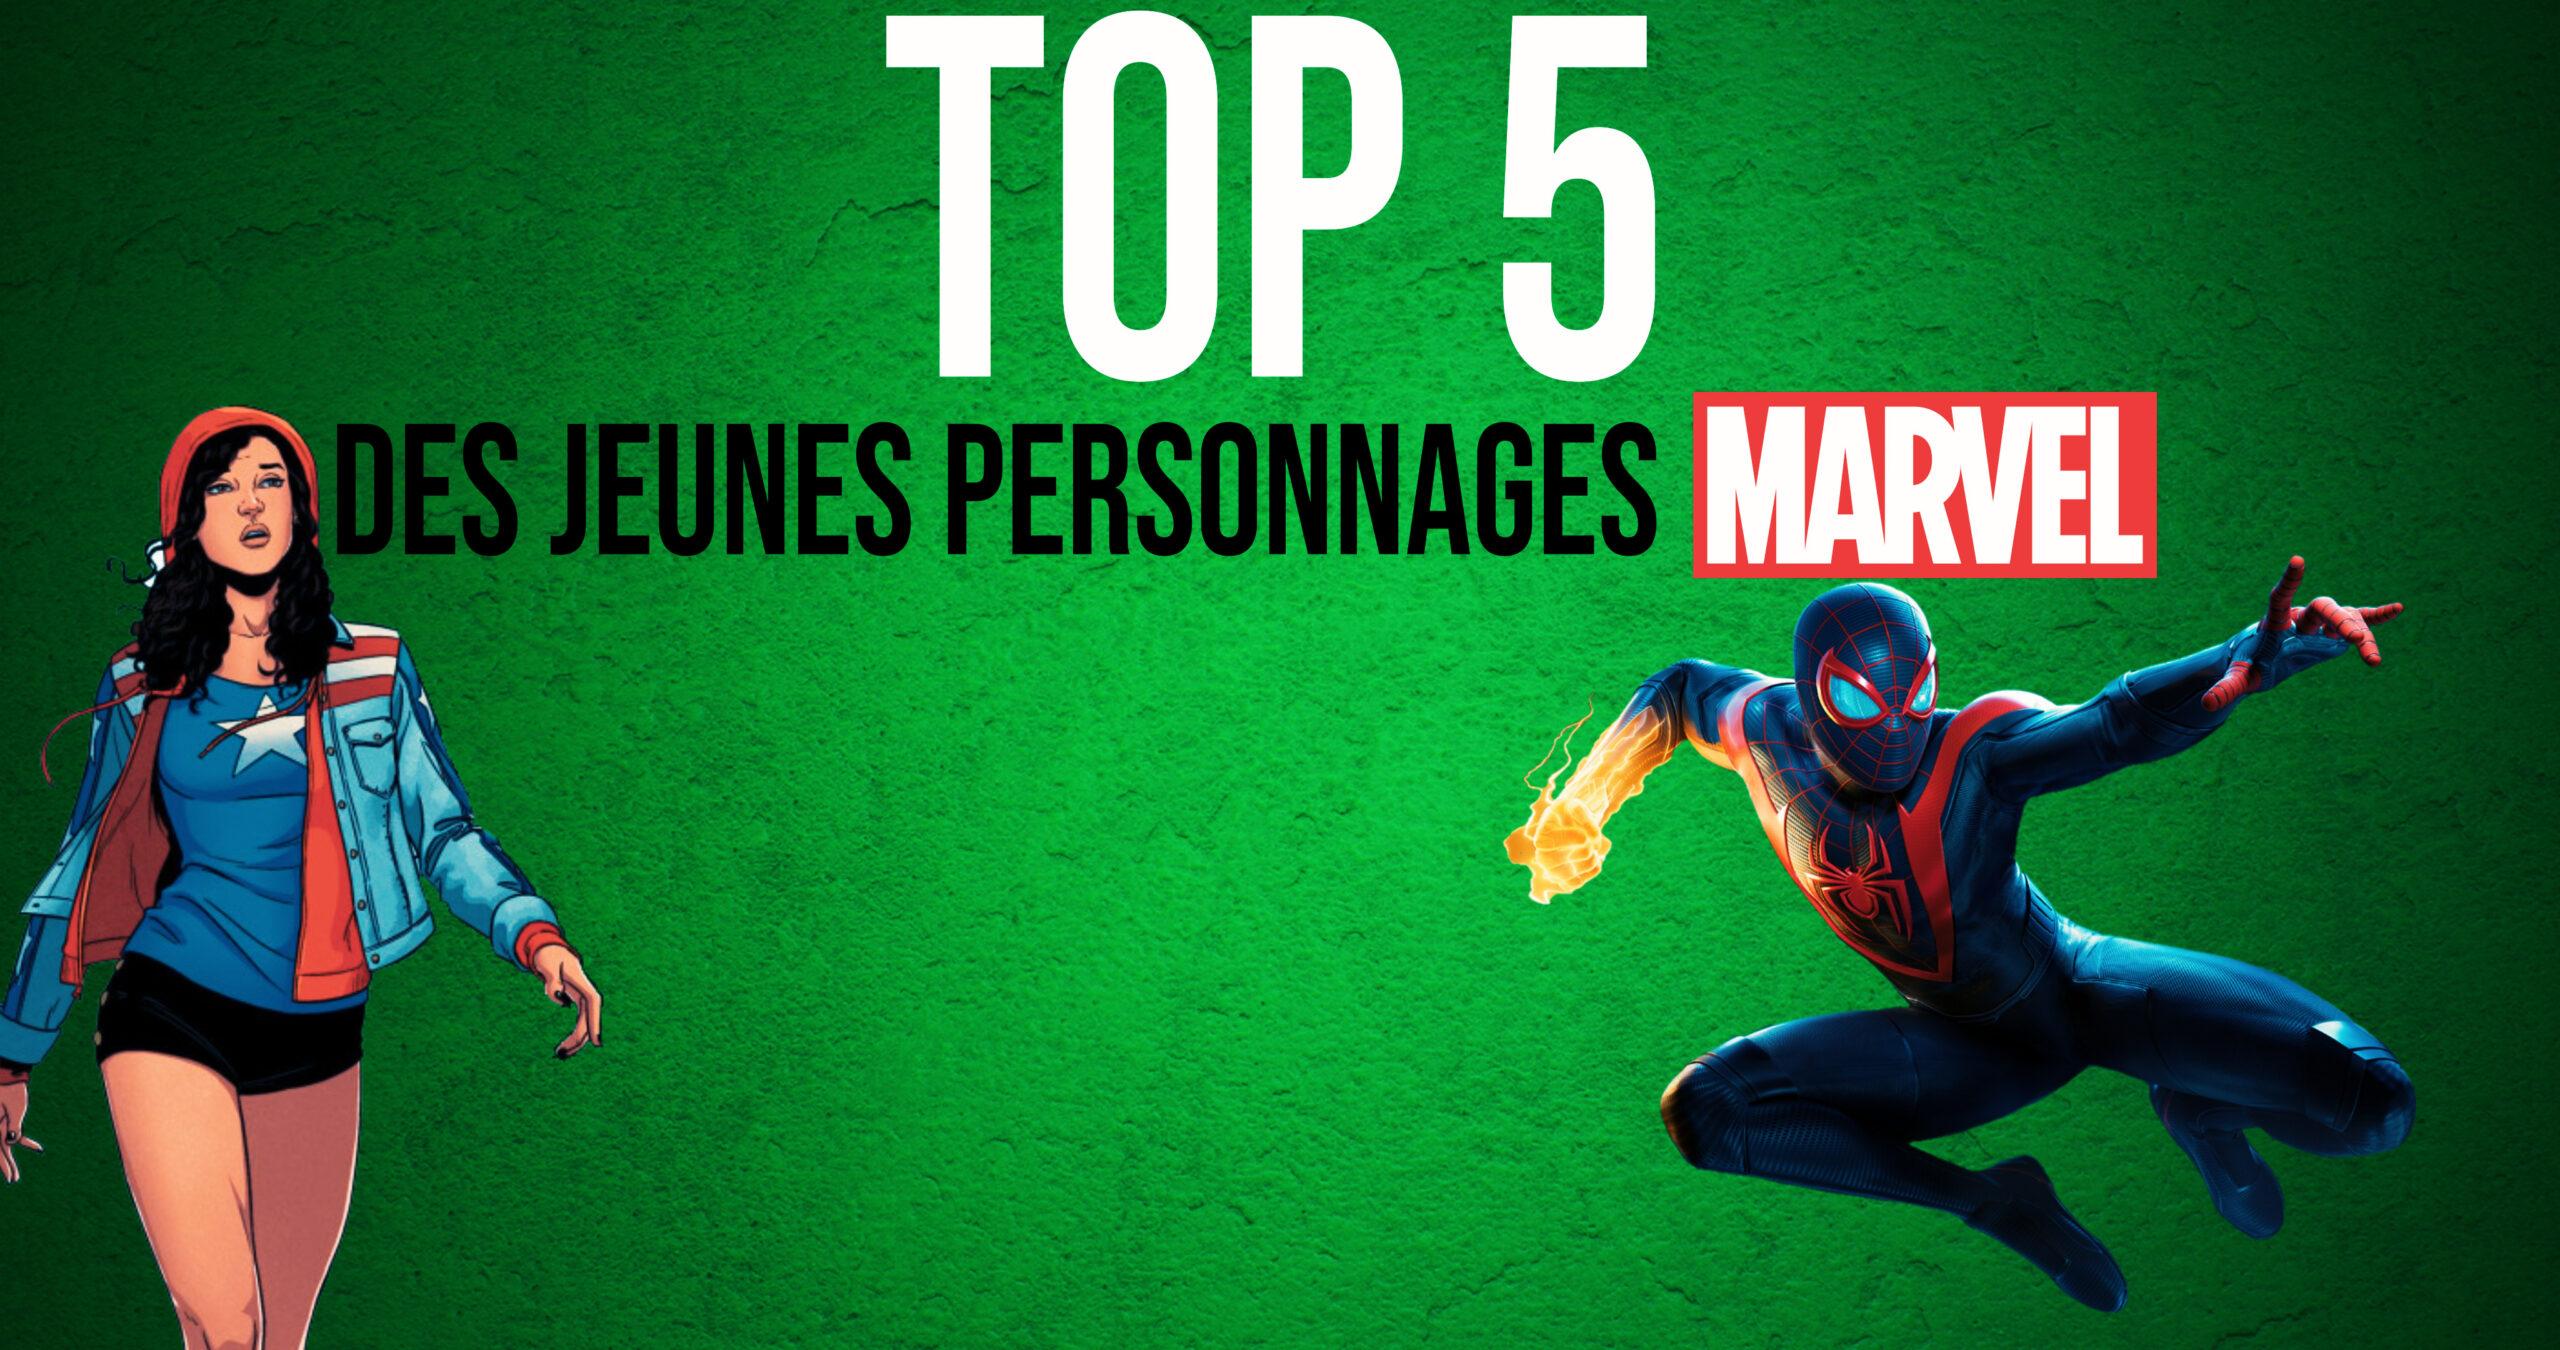 Le TOP 5 des jeunes personnages Marvel